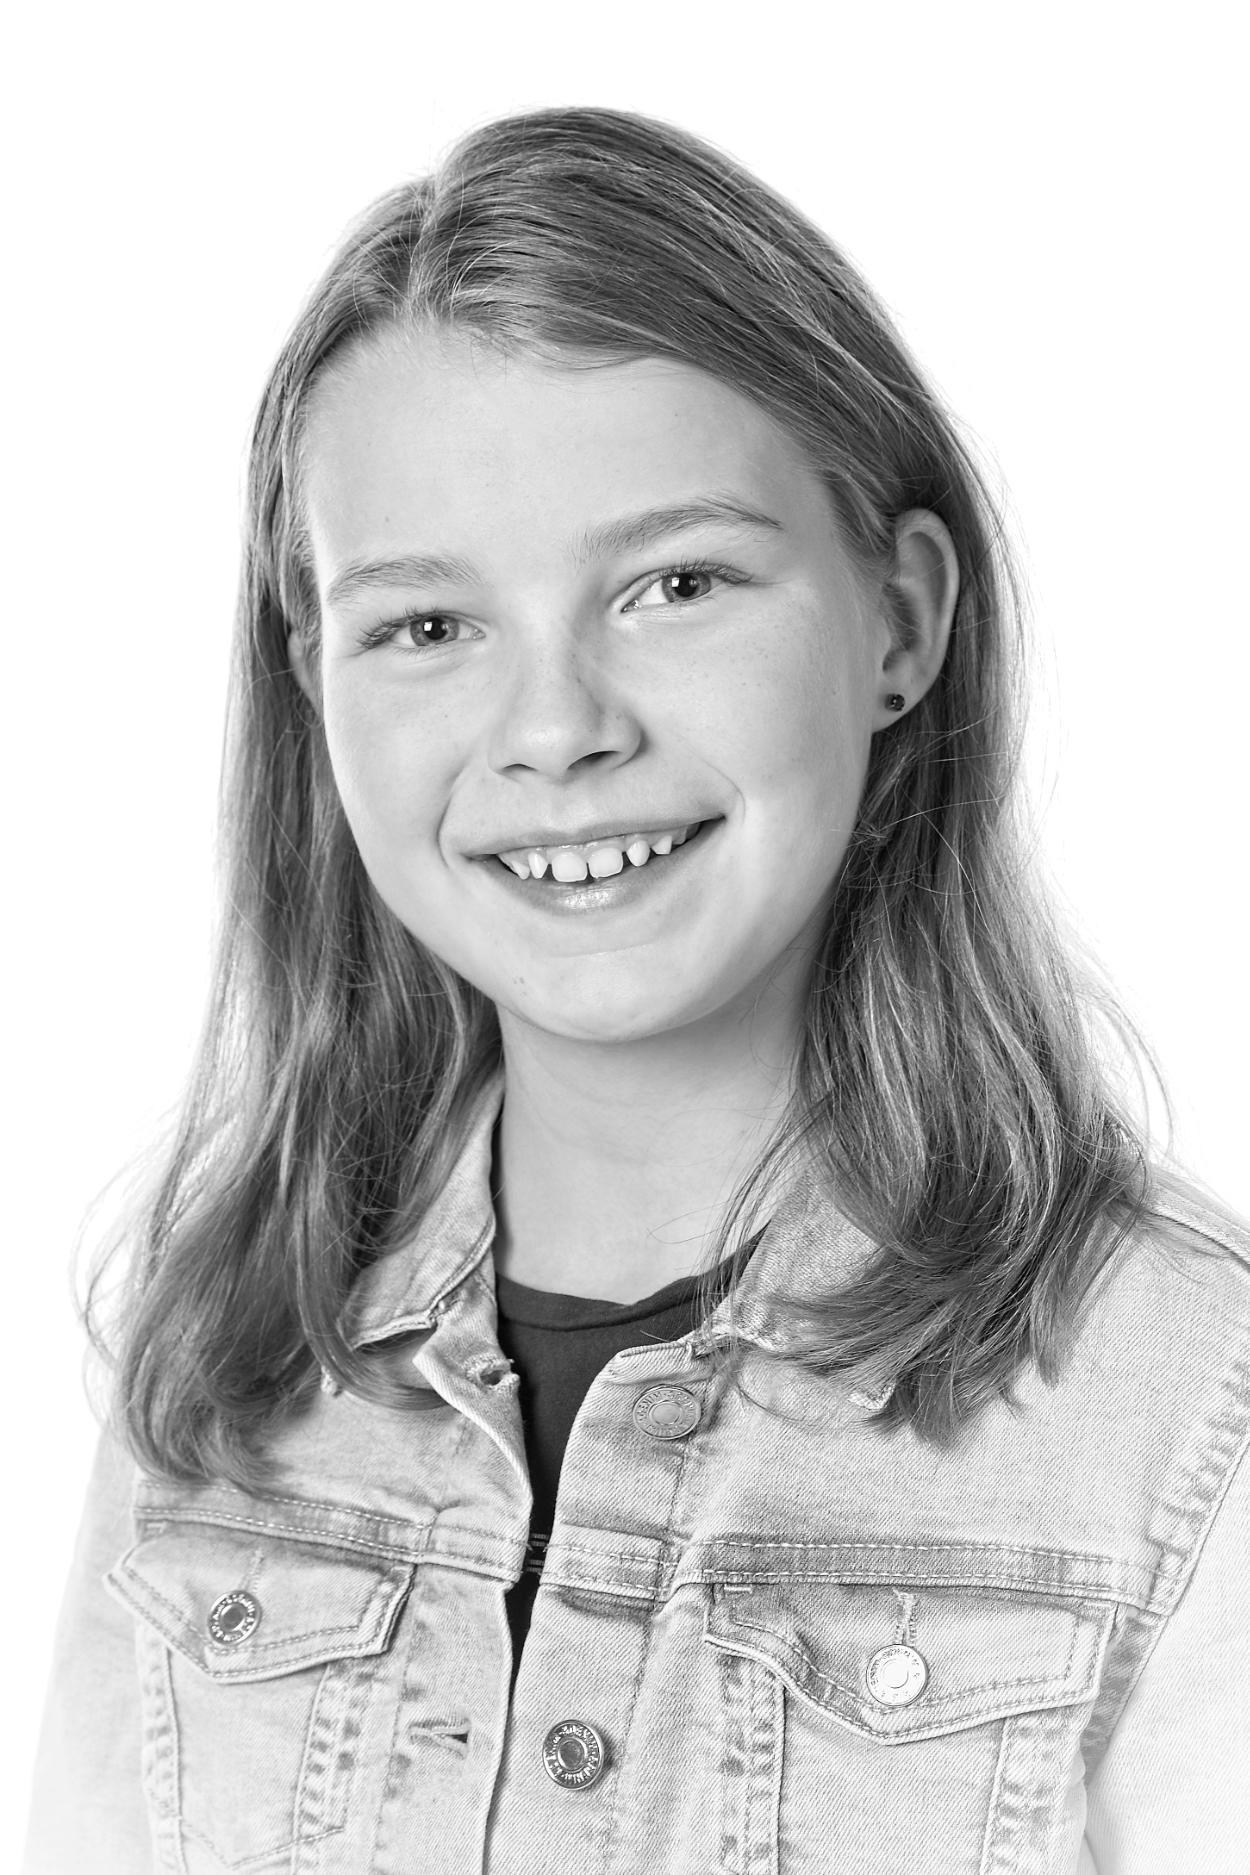 Emilia portræt kompri